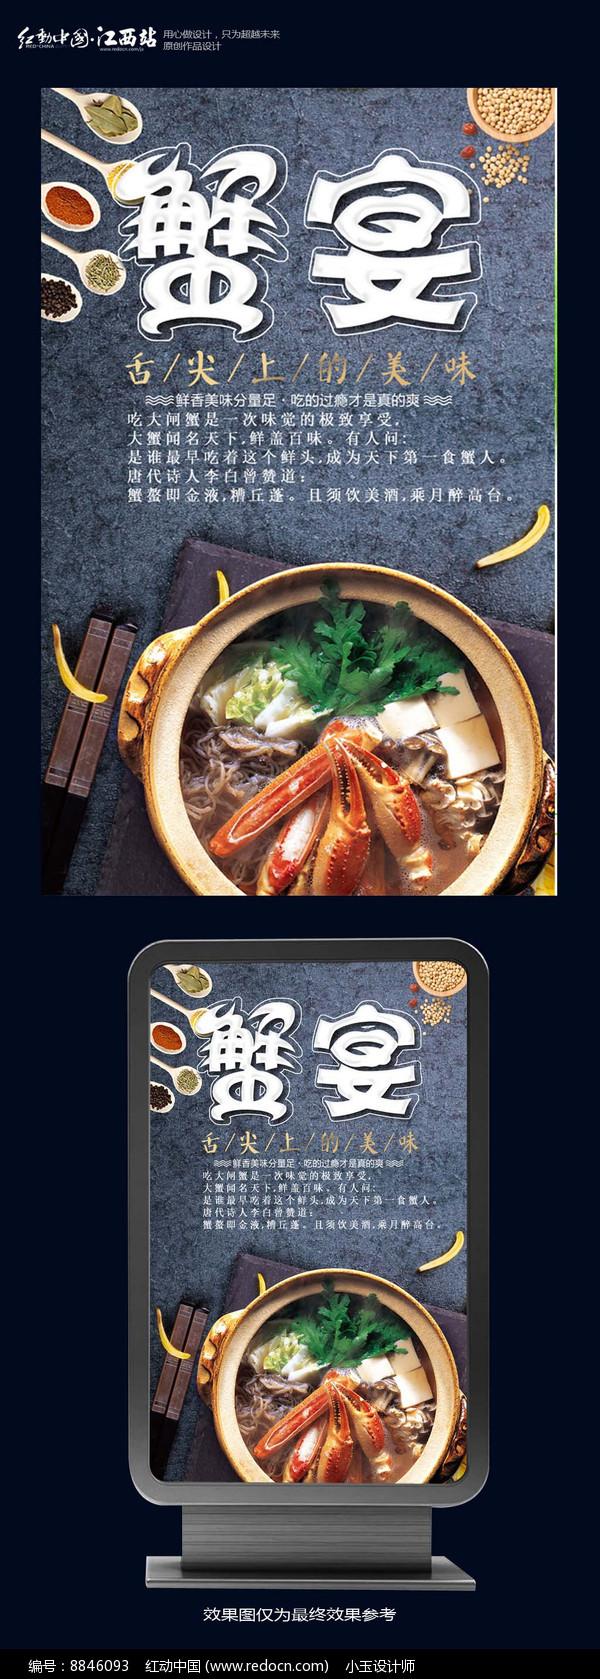 蟹美食宣传海报设计图片